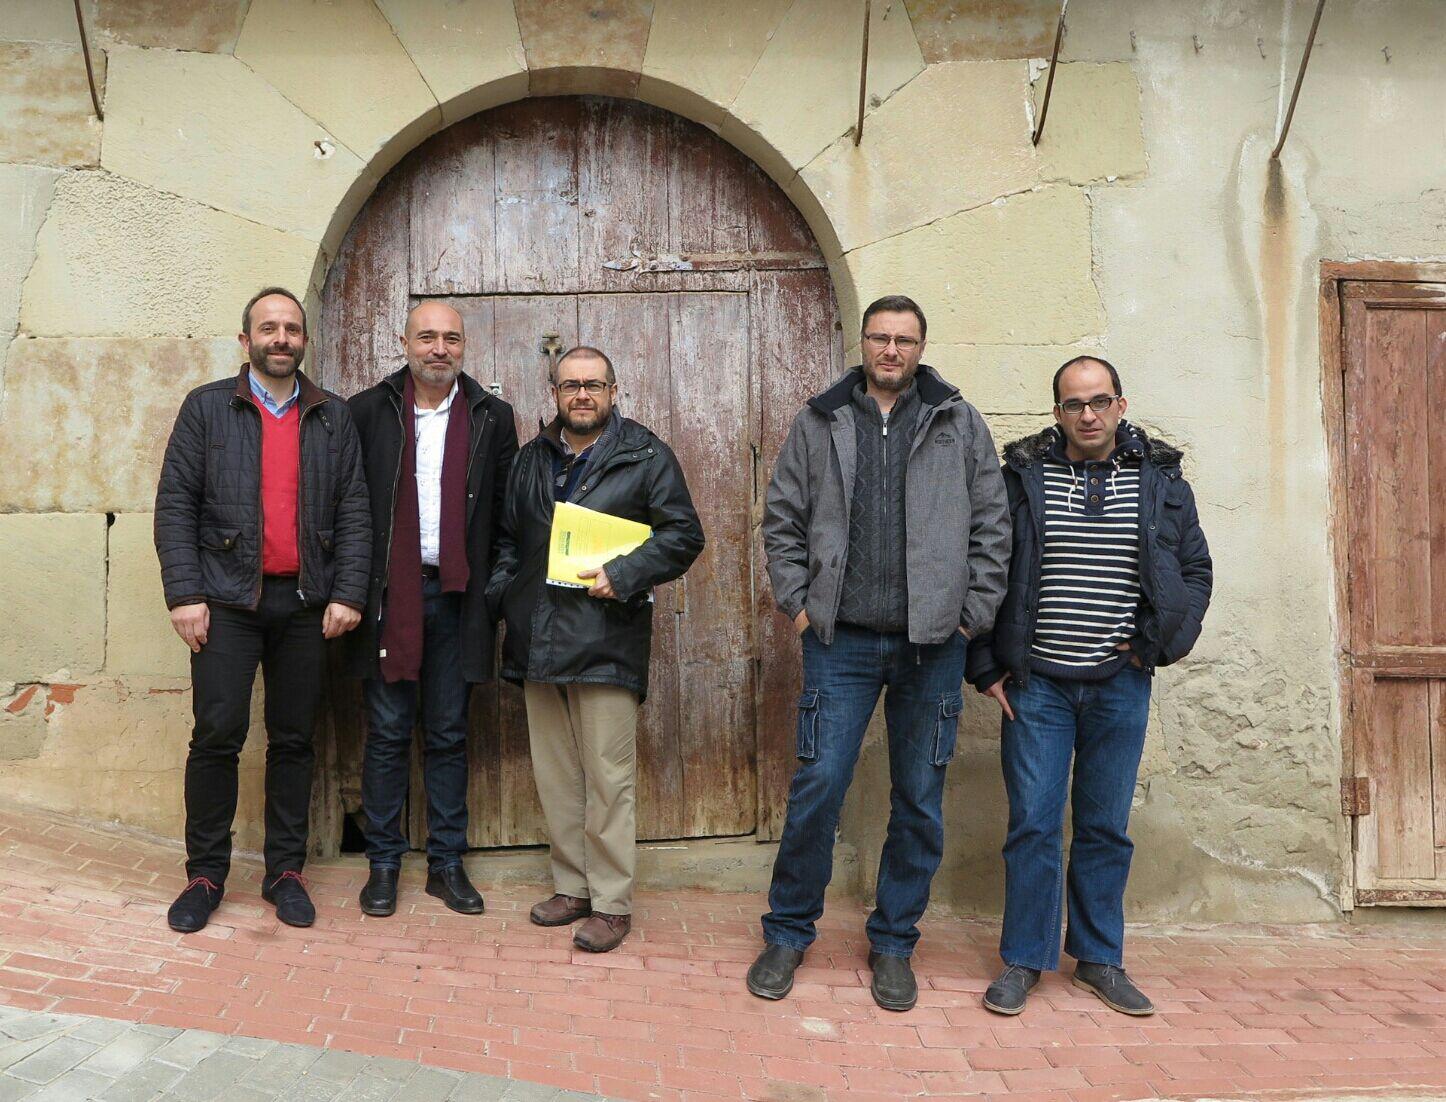 El alcalde Ramiro Rivera, el diputado Xavier Rius, y el director del MuVIM, Rafael Comapny, en la 'Casa del Tío Florencio'.